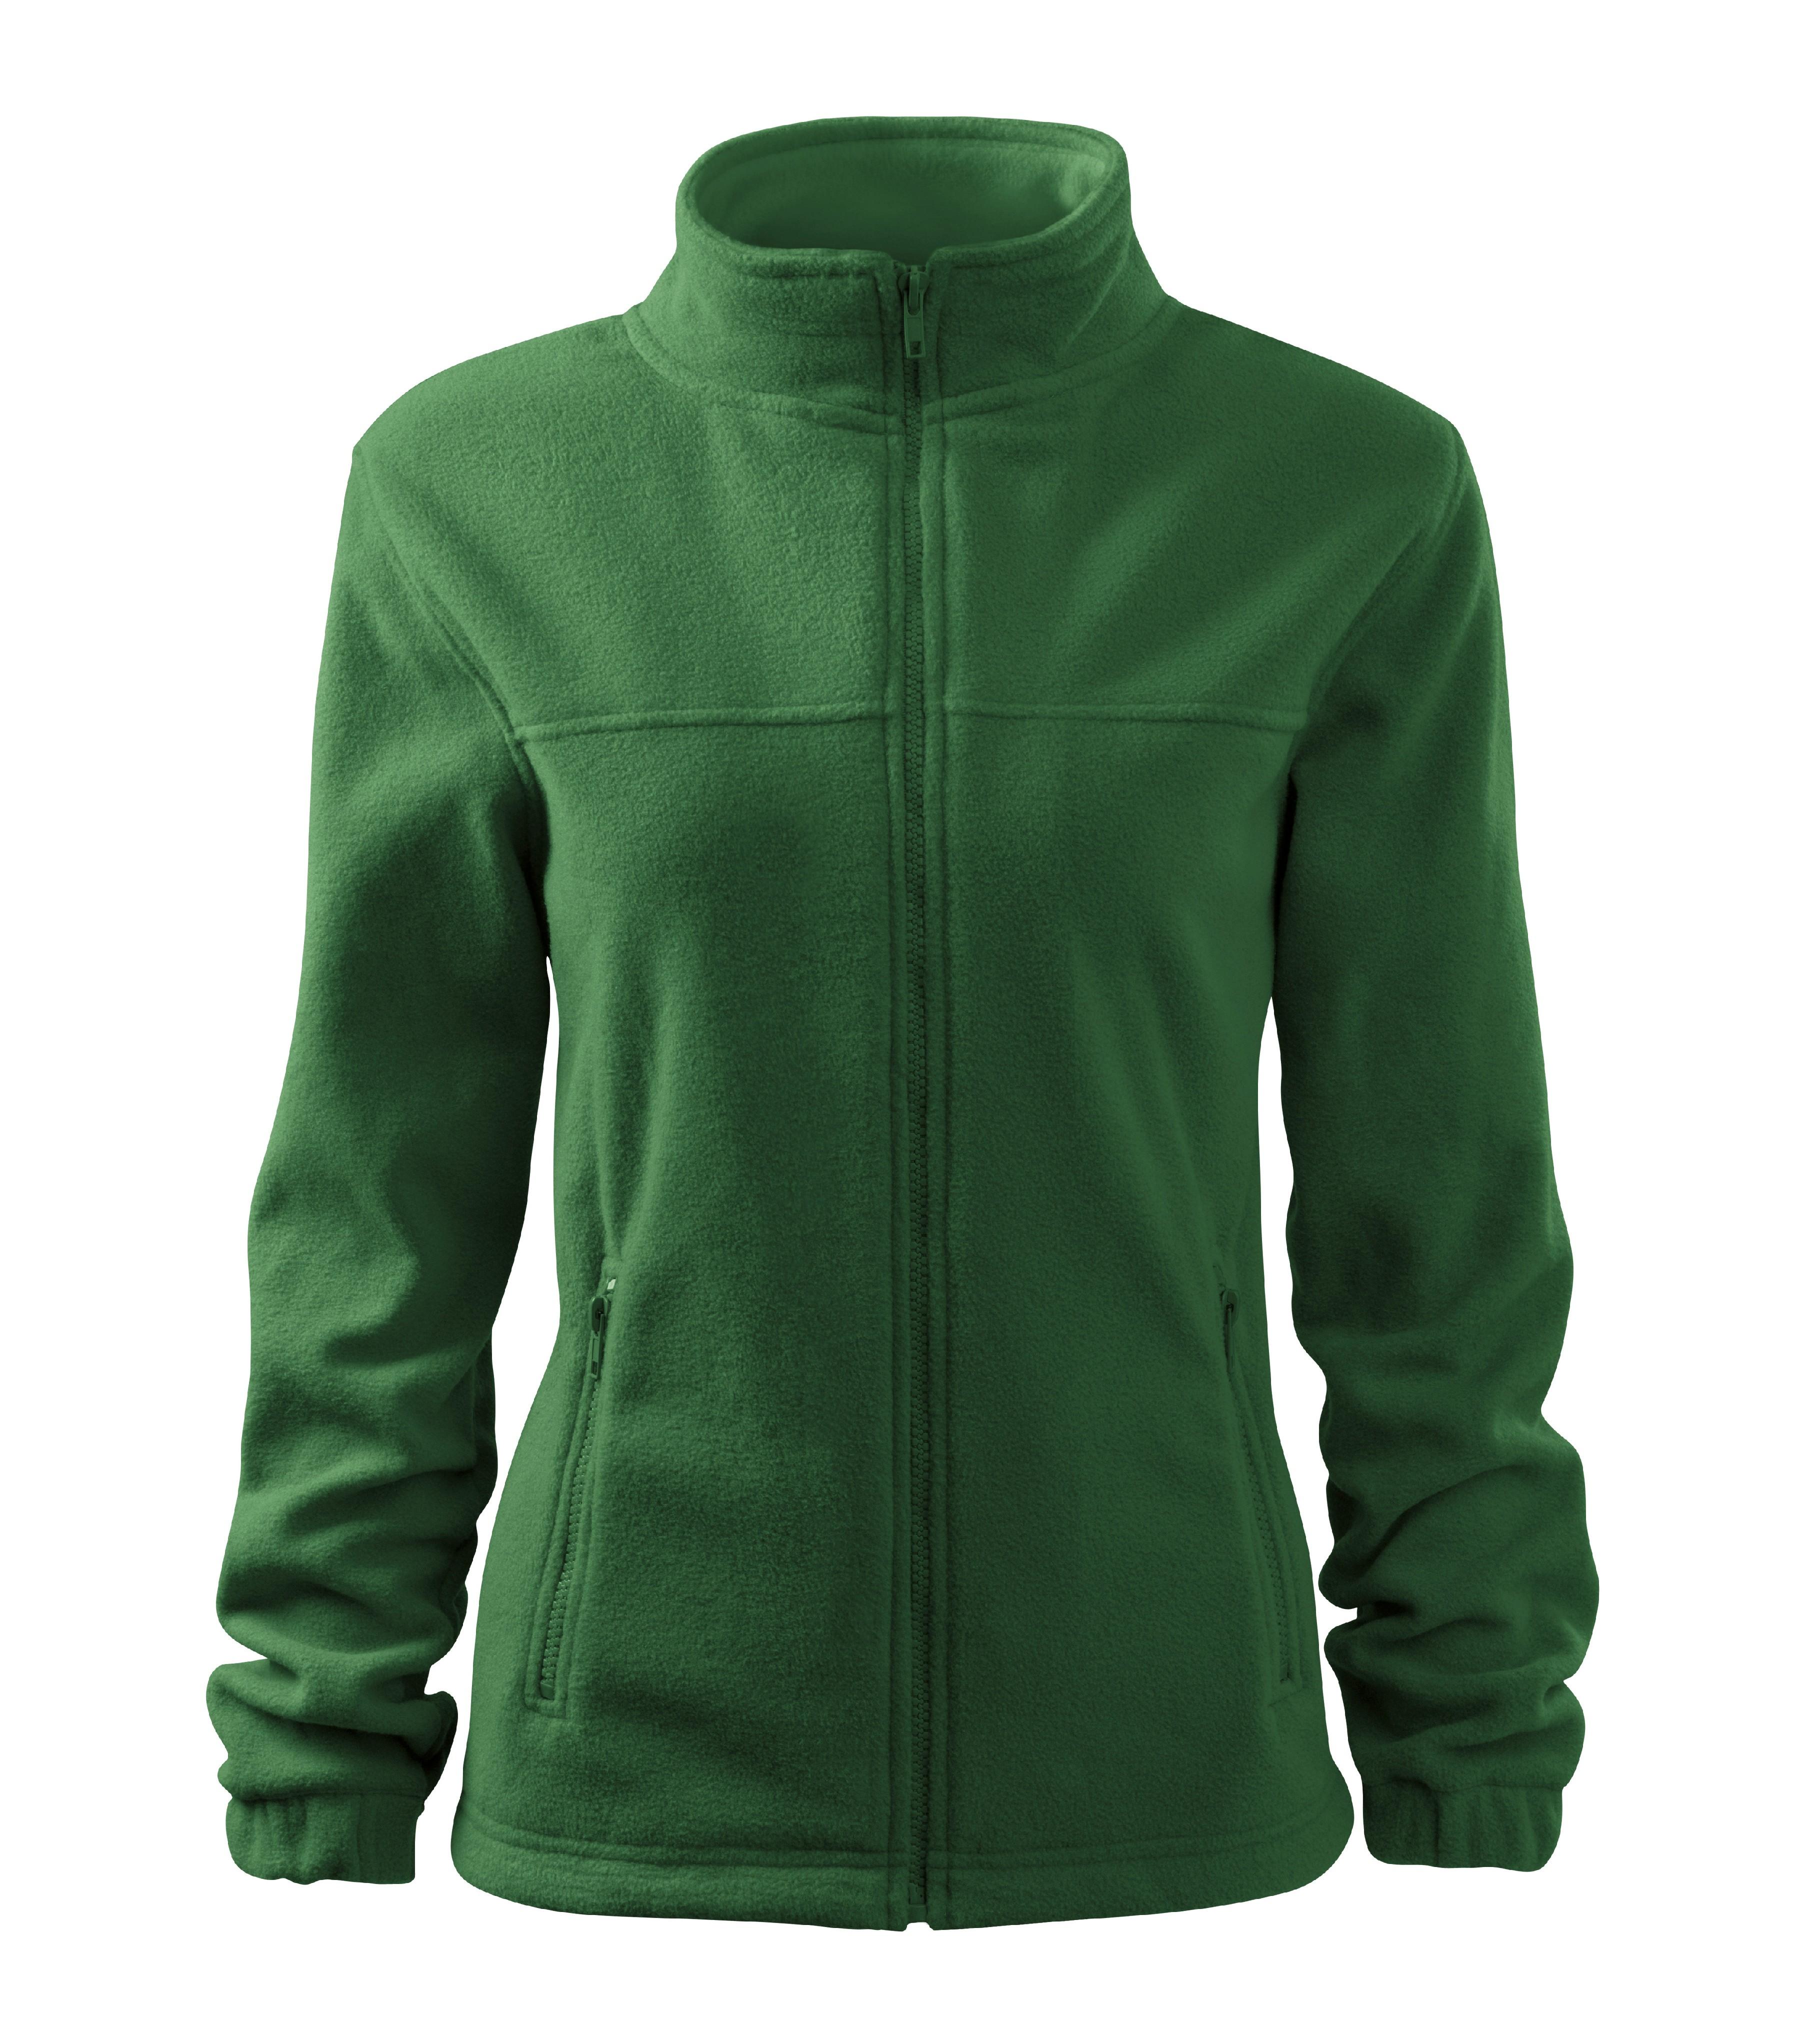 Fleece dámská Bunda Barva: lahvově zelená, Velikost: L